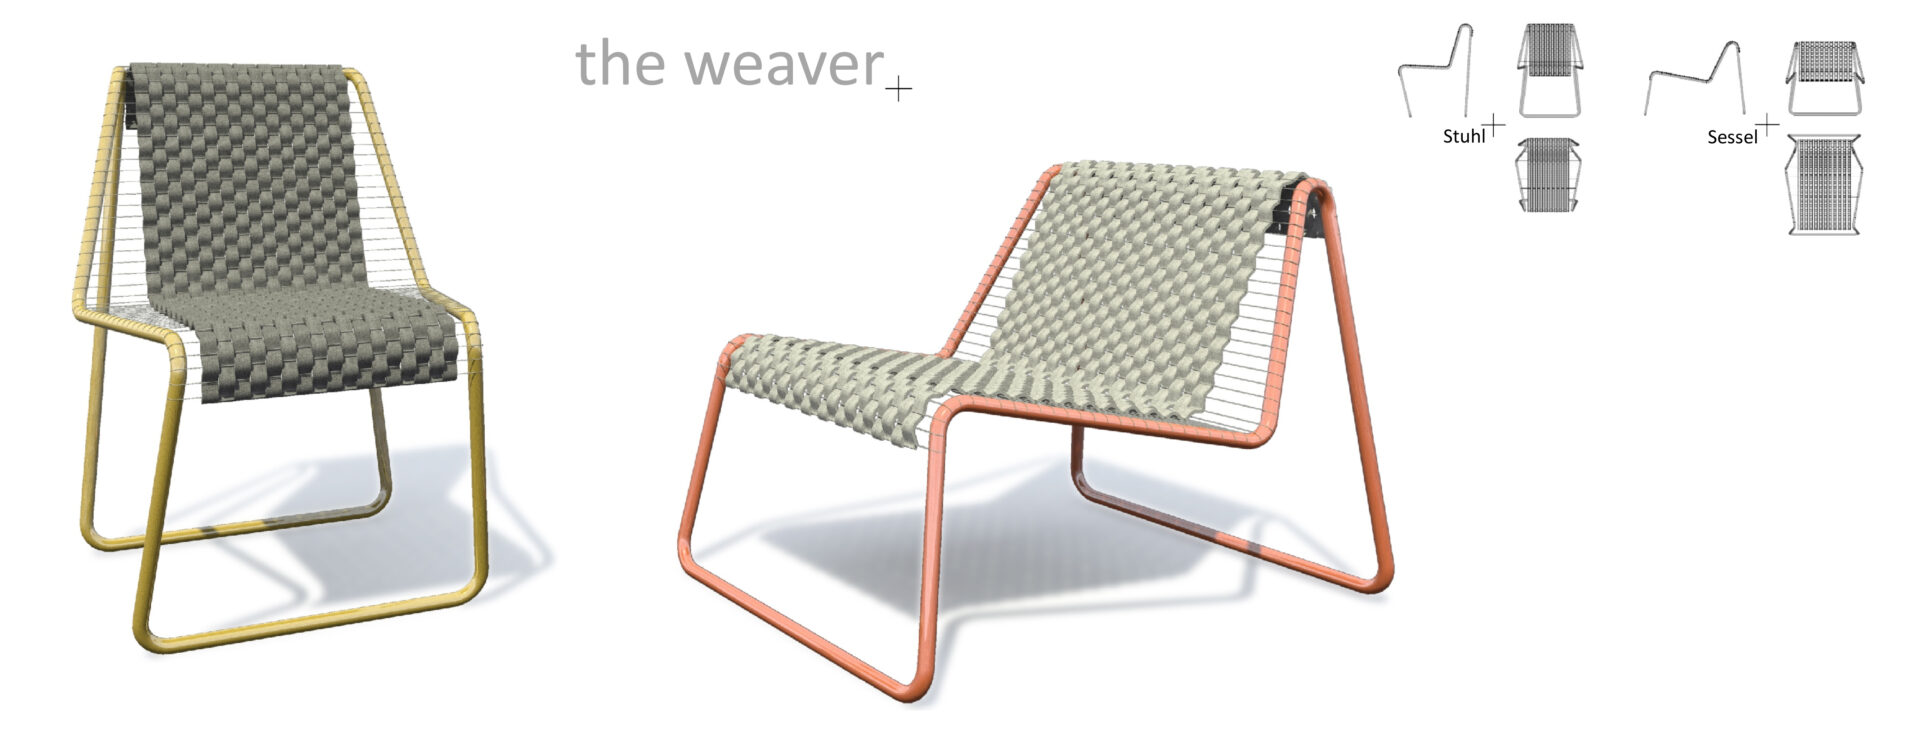 weaver1